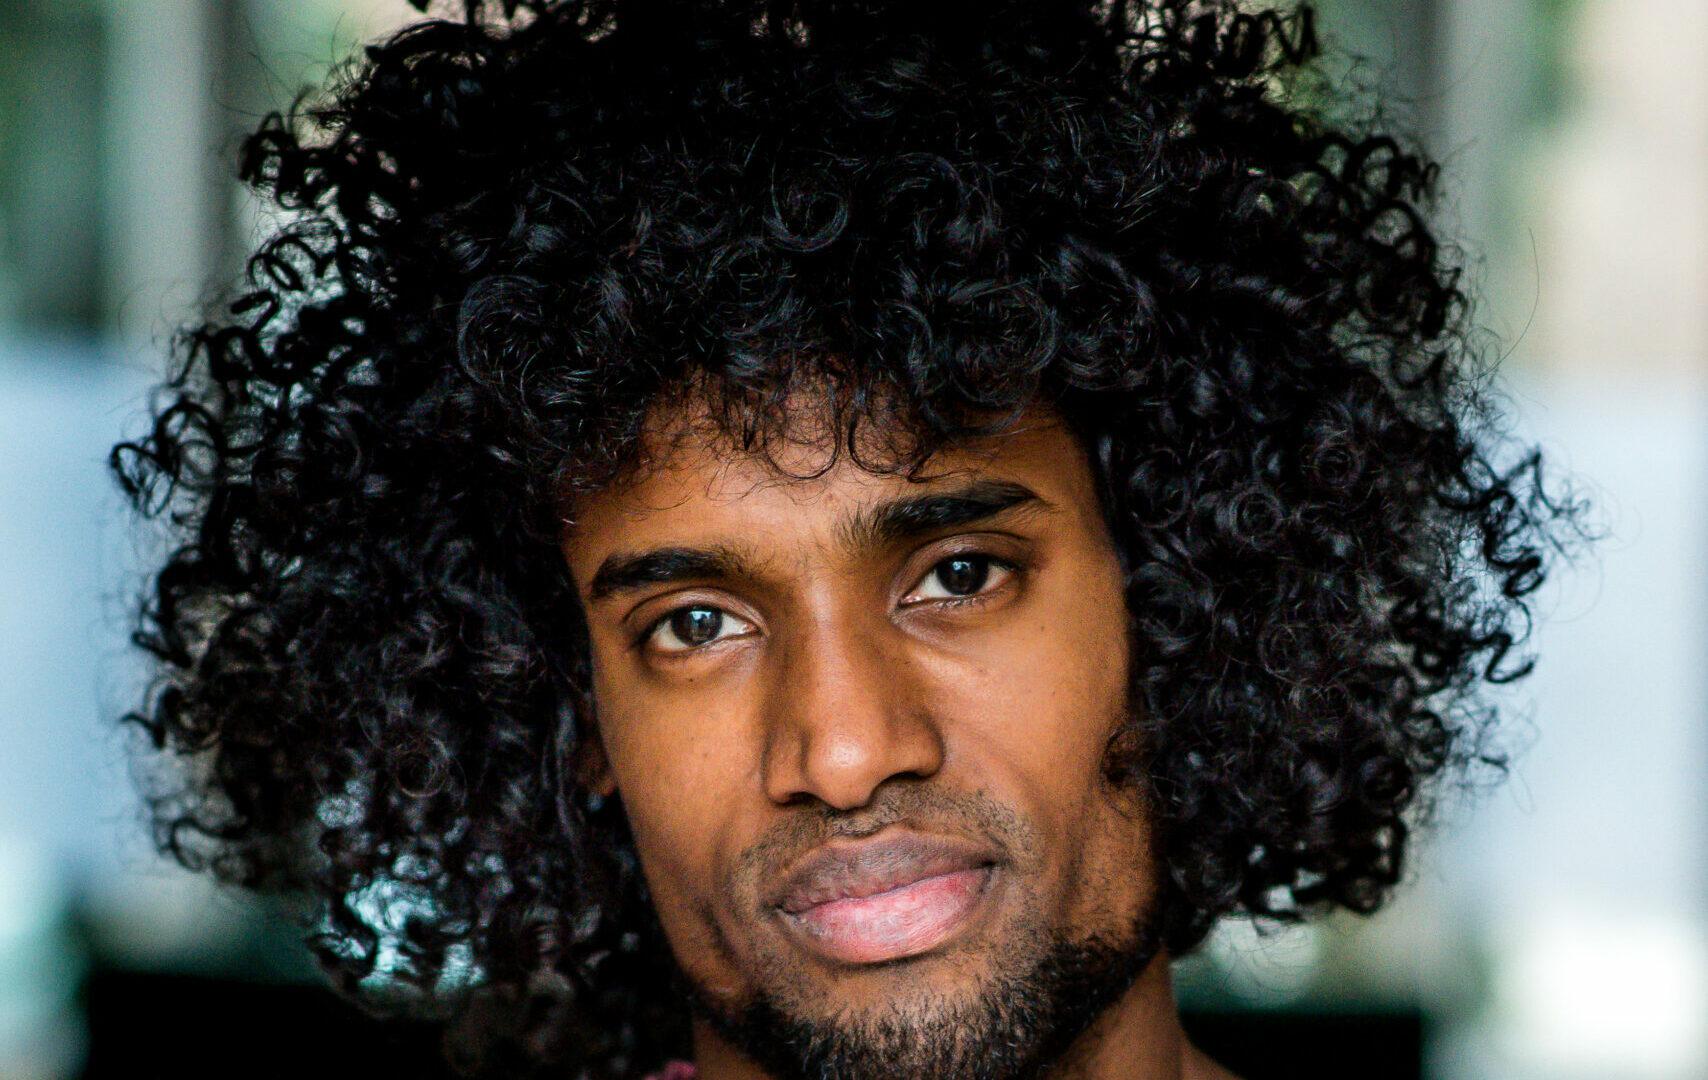 Portret van Daryll Ricardo Landbrug. Hij is een zwarte man met een sikje en een groot afro-kapsel. Hij draagt een roze trui en kijkt vriendelijk en serieus de camera in.